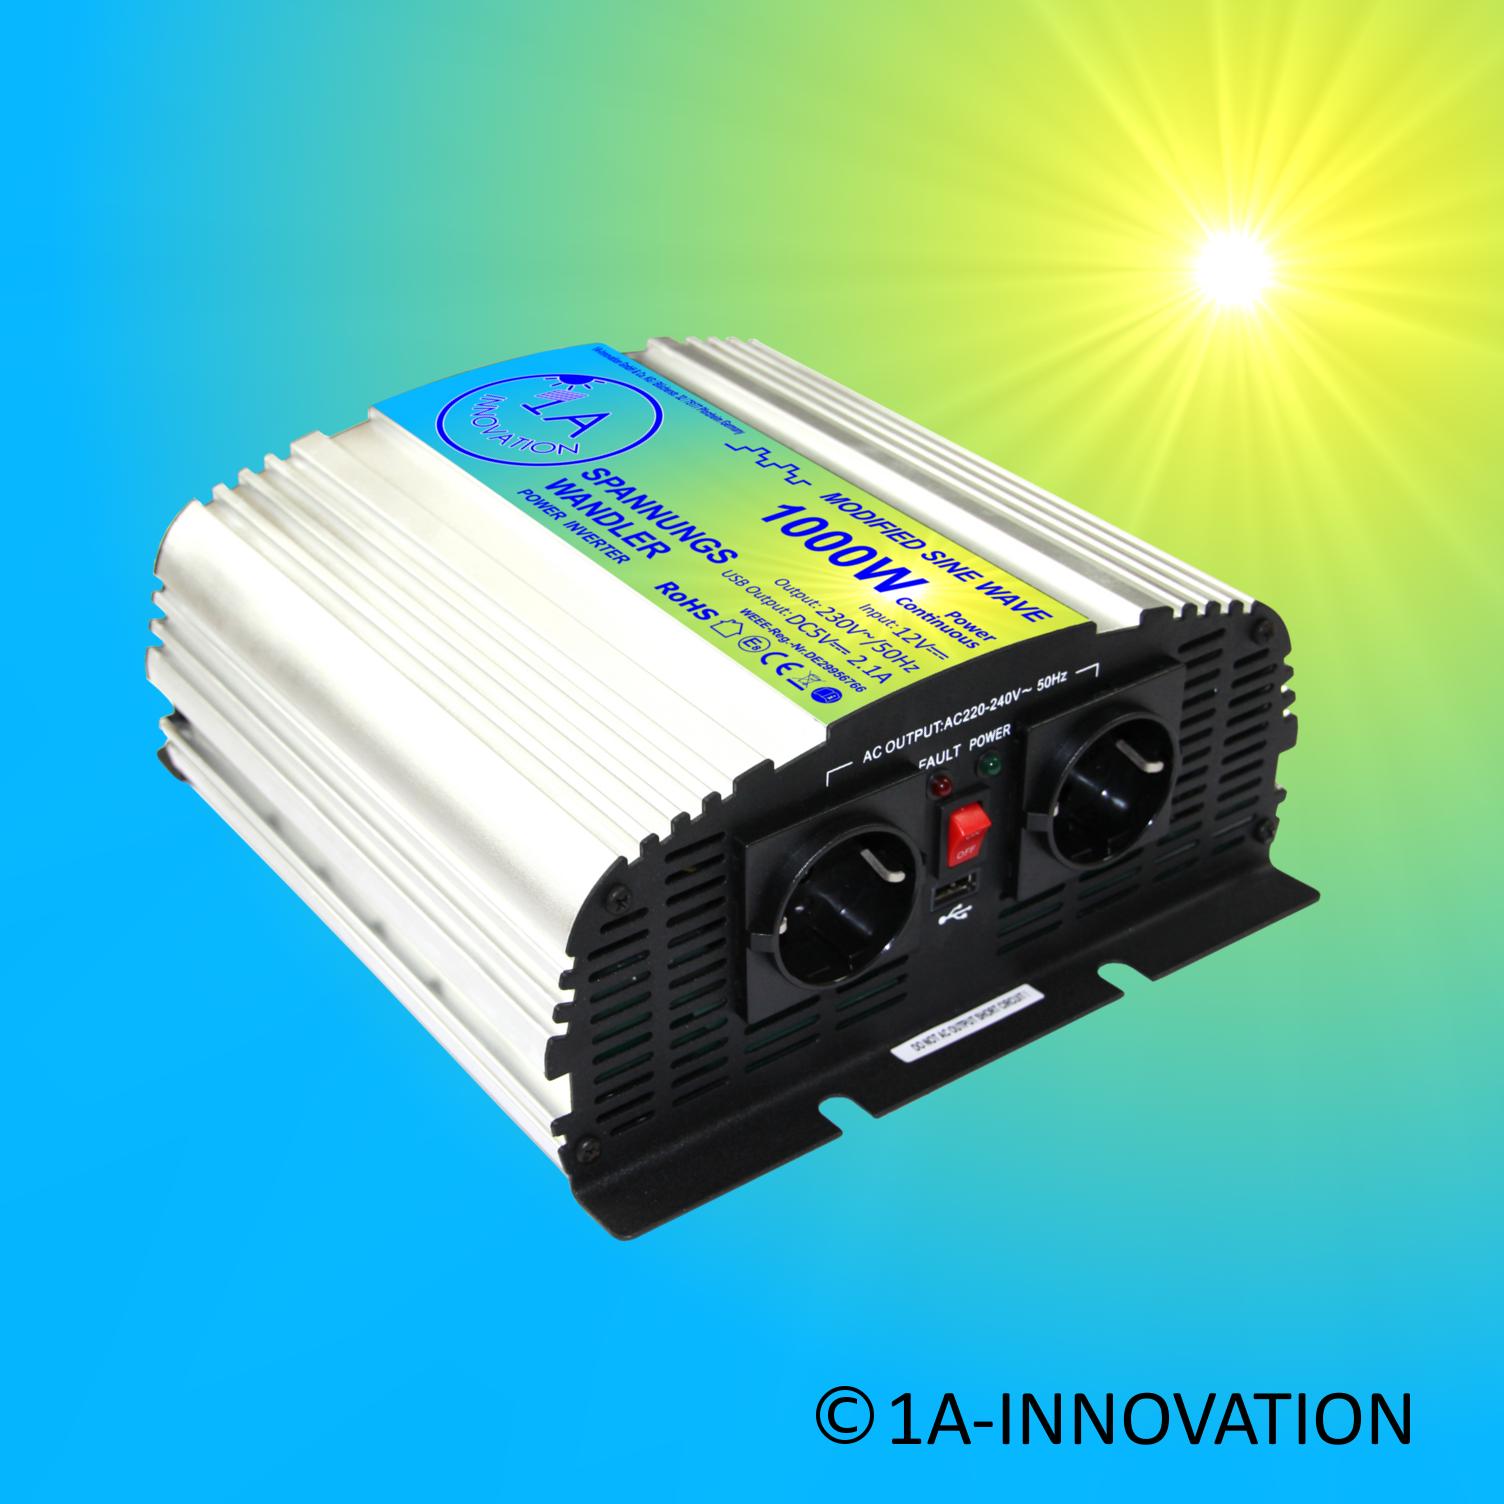 Haushaltsgeräte 1a-innovation Inselanlage Solaranlage 100 Watt Solarpanel Photovoltaik Pforzheim